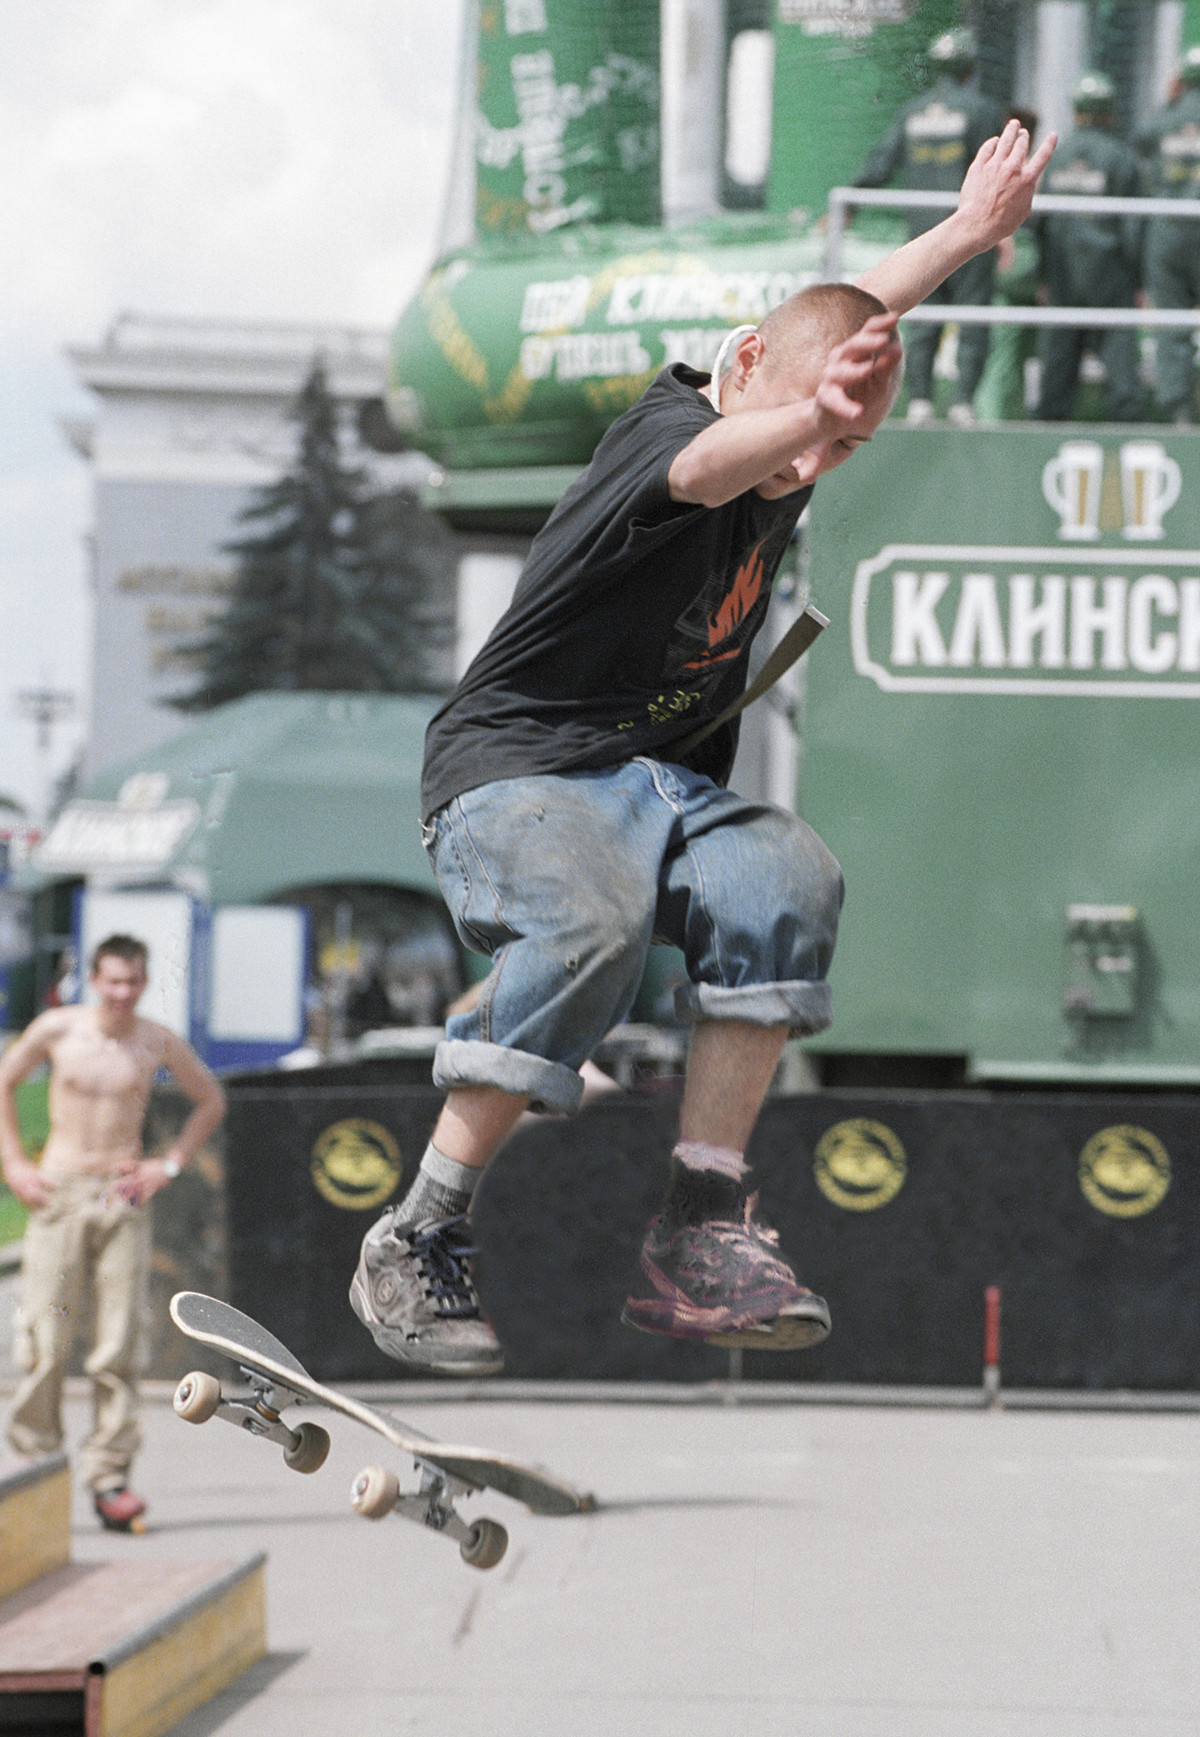 Un skateur lors d'un festival de la jeunesse